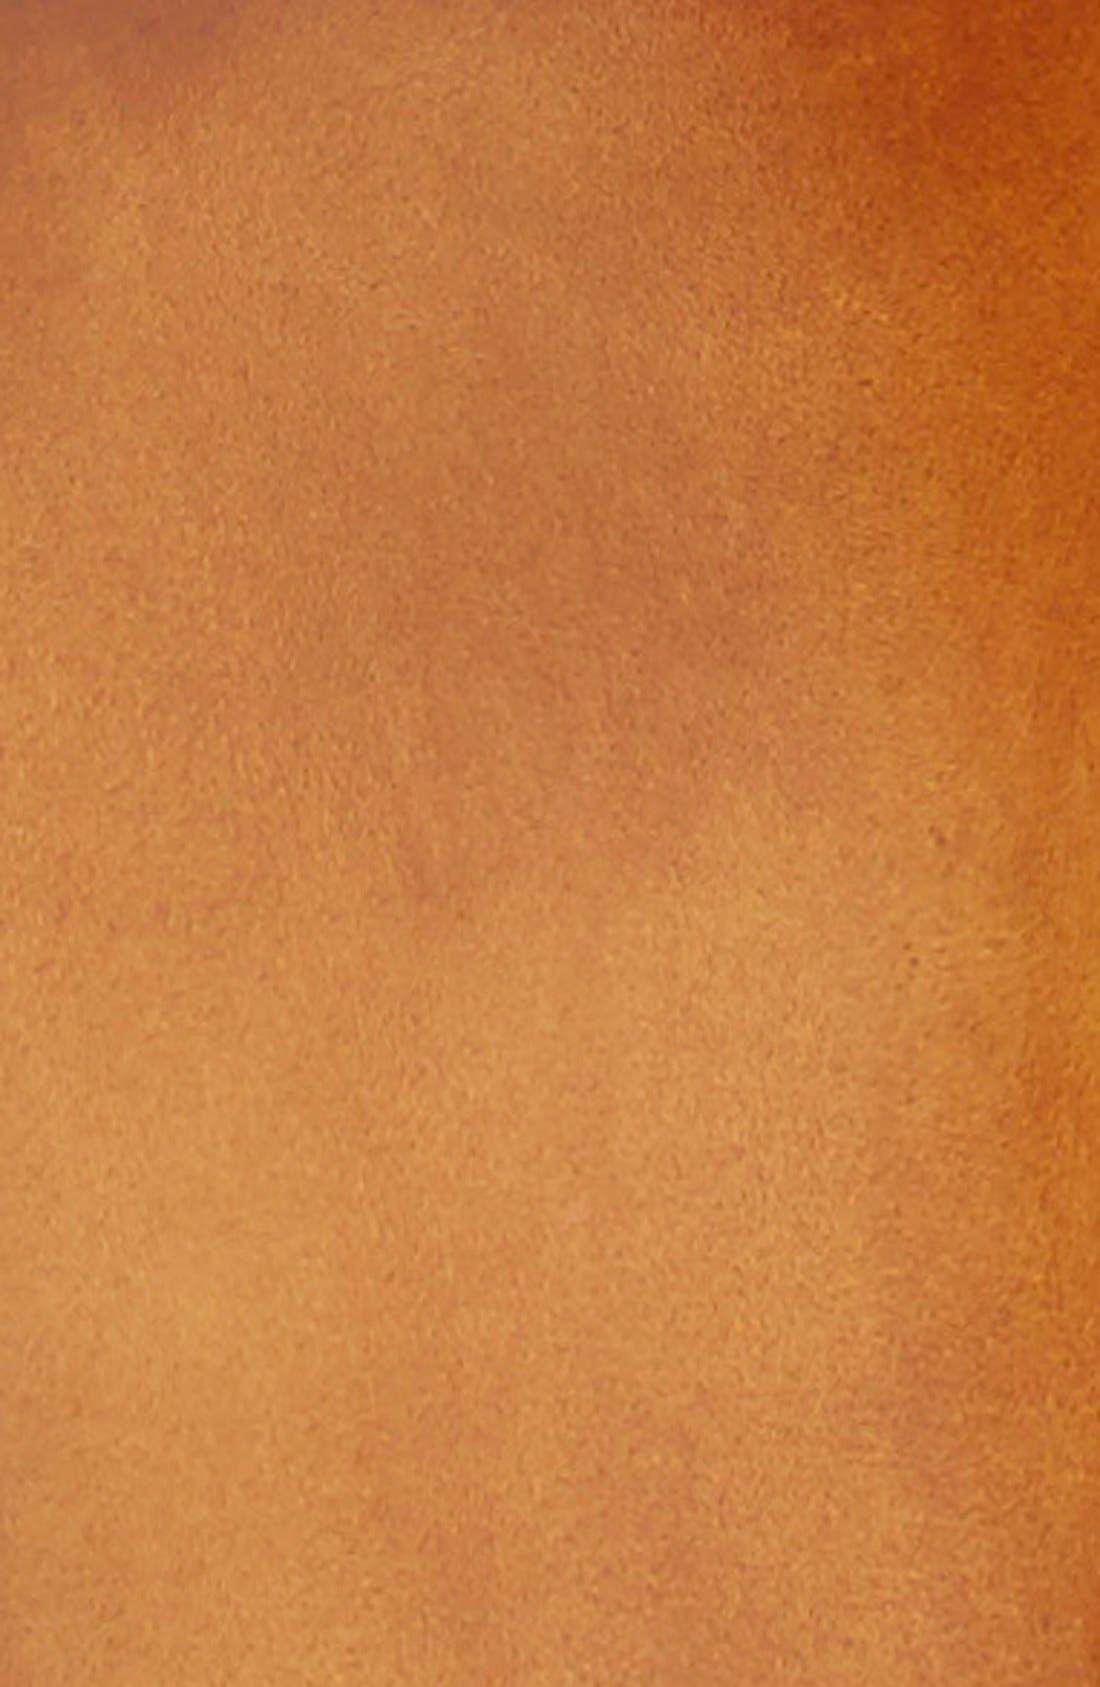 Carbon Leather Belt,                             Alternate thumbnail 2, color,                             Cognac